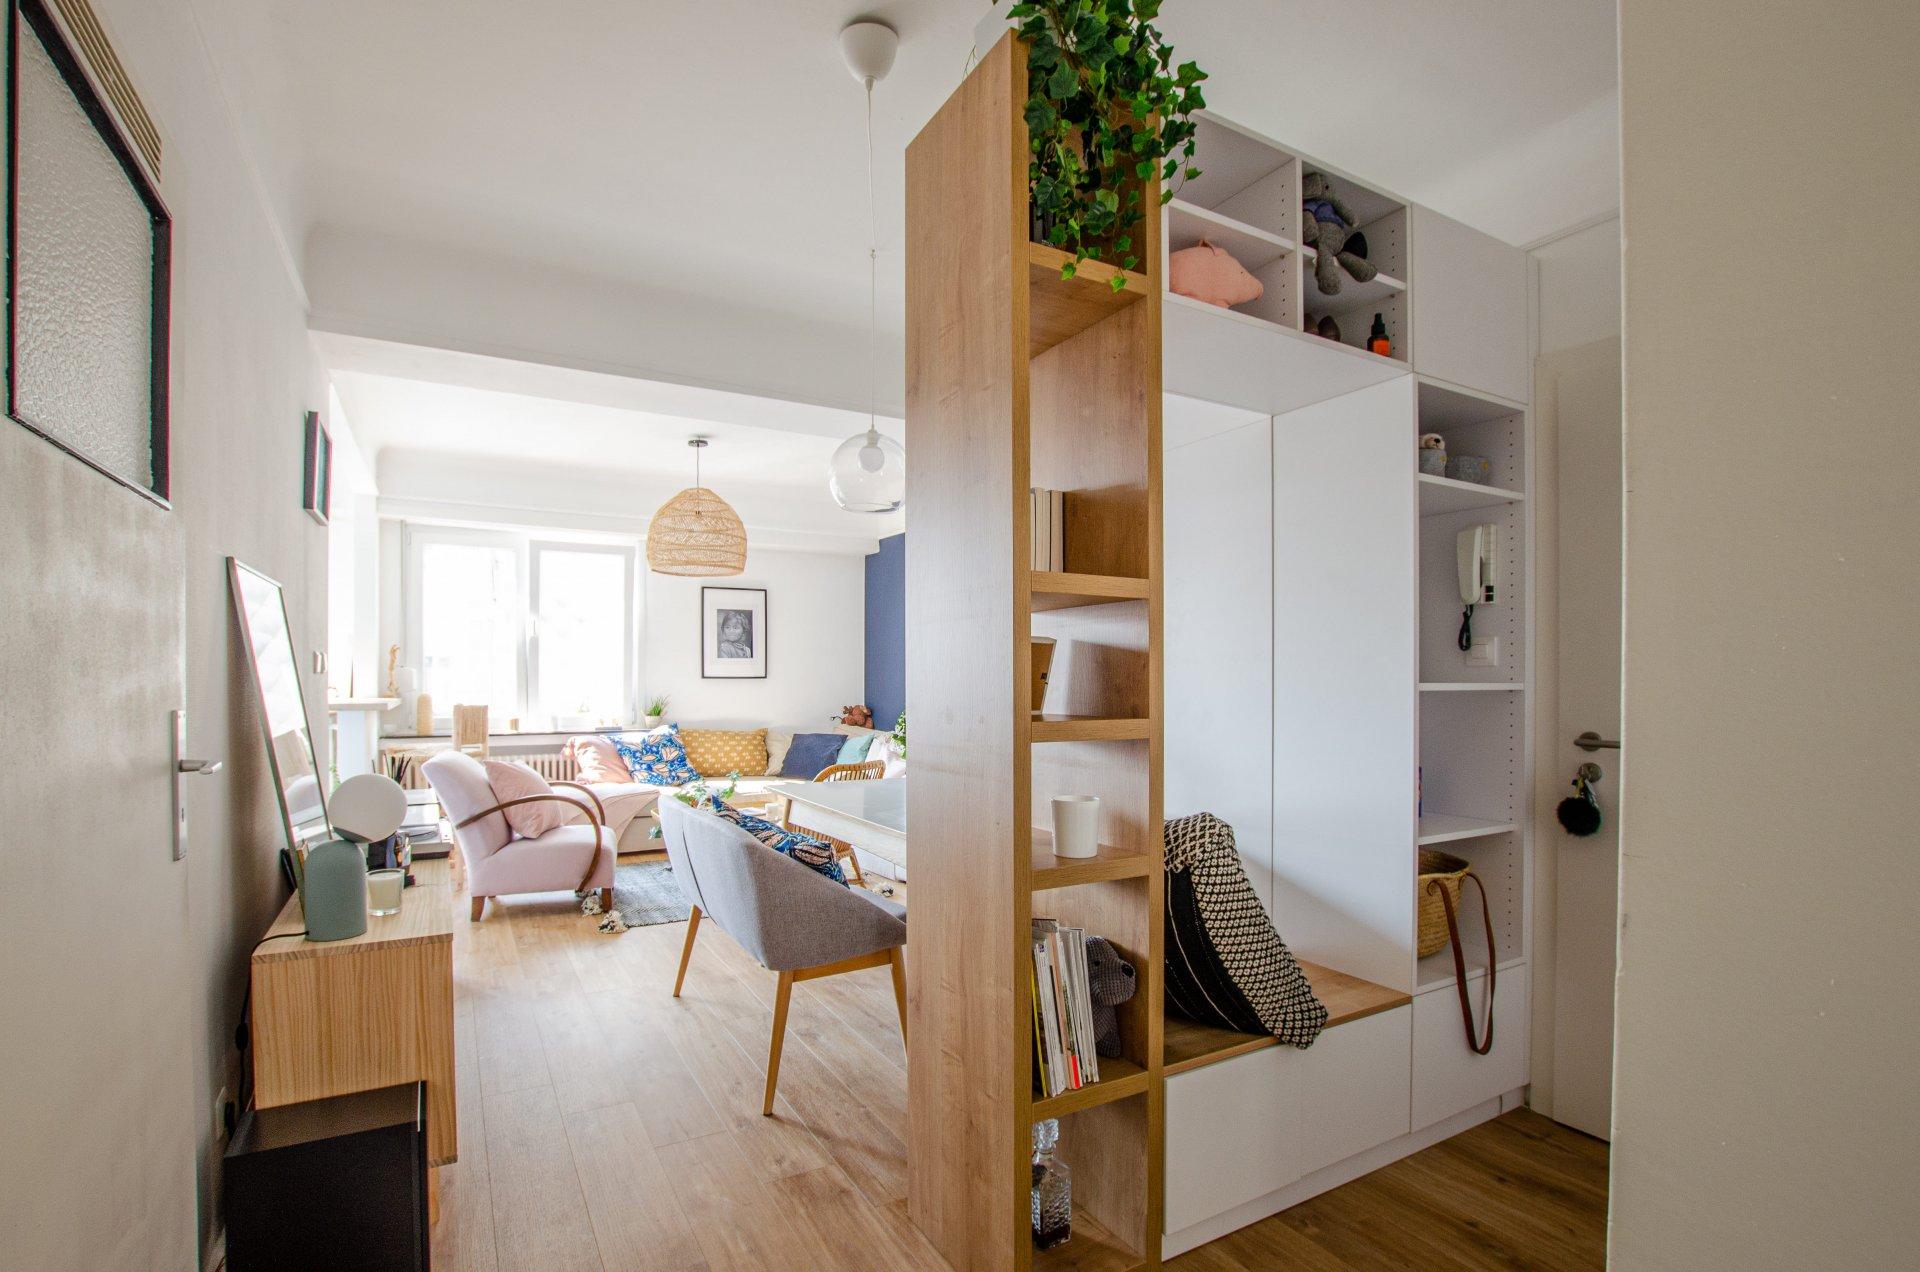 Charmant appartement meublé composé de deux chambres  situé dans le quartier animé de Bonnevoie, proche du centre-ville.